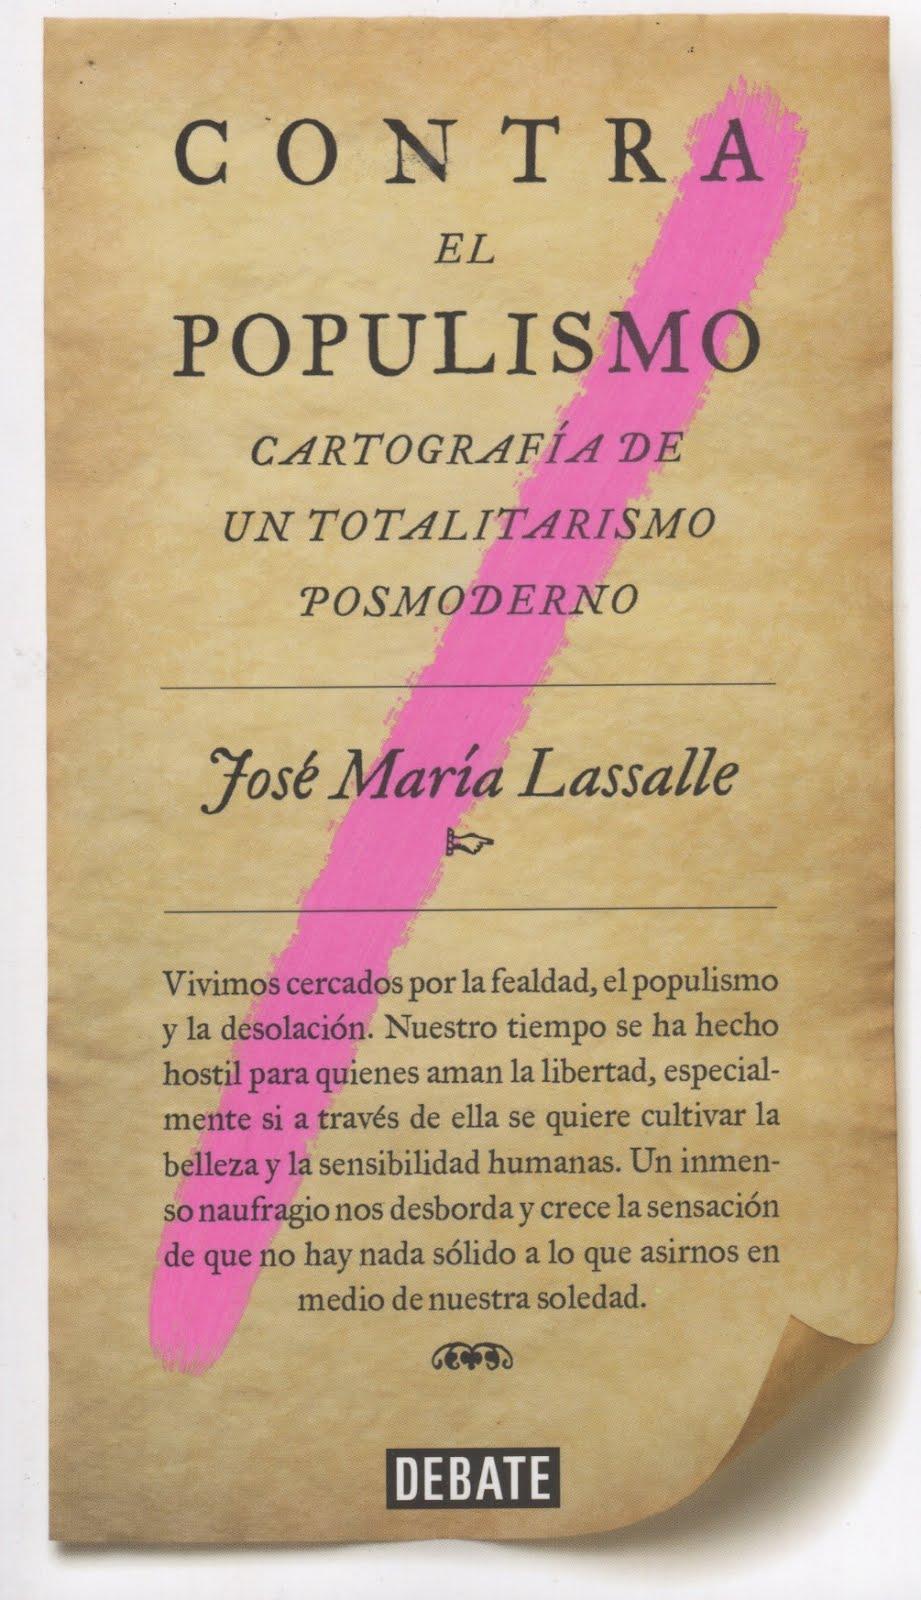 José María Lassalle (Contra el populismo) Cartografía de un totalitarismo posmoderno